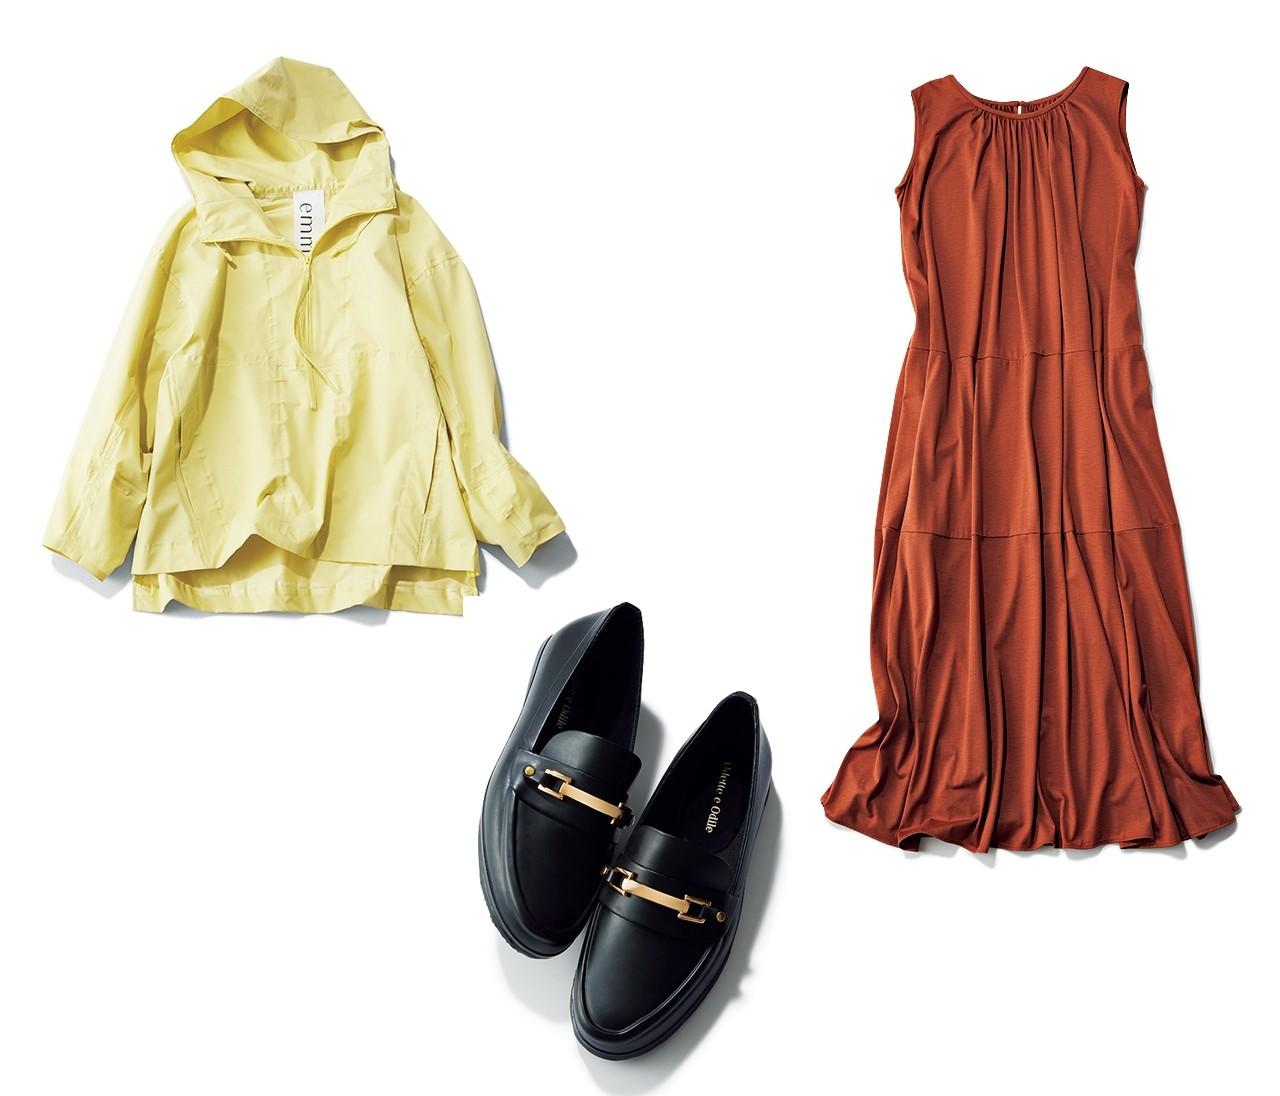 【晴雨兼用アイテム14選】アウターやバッグ&靴etc.優秀アイテムを一気見!